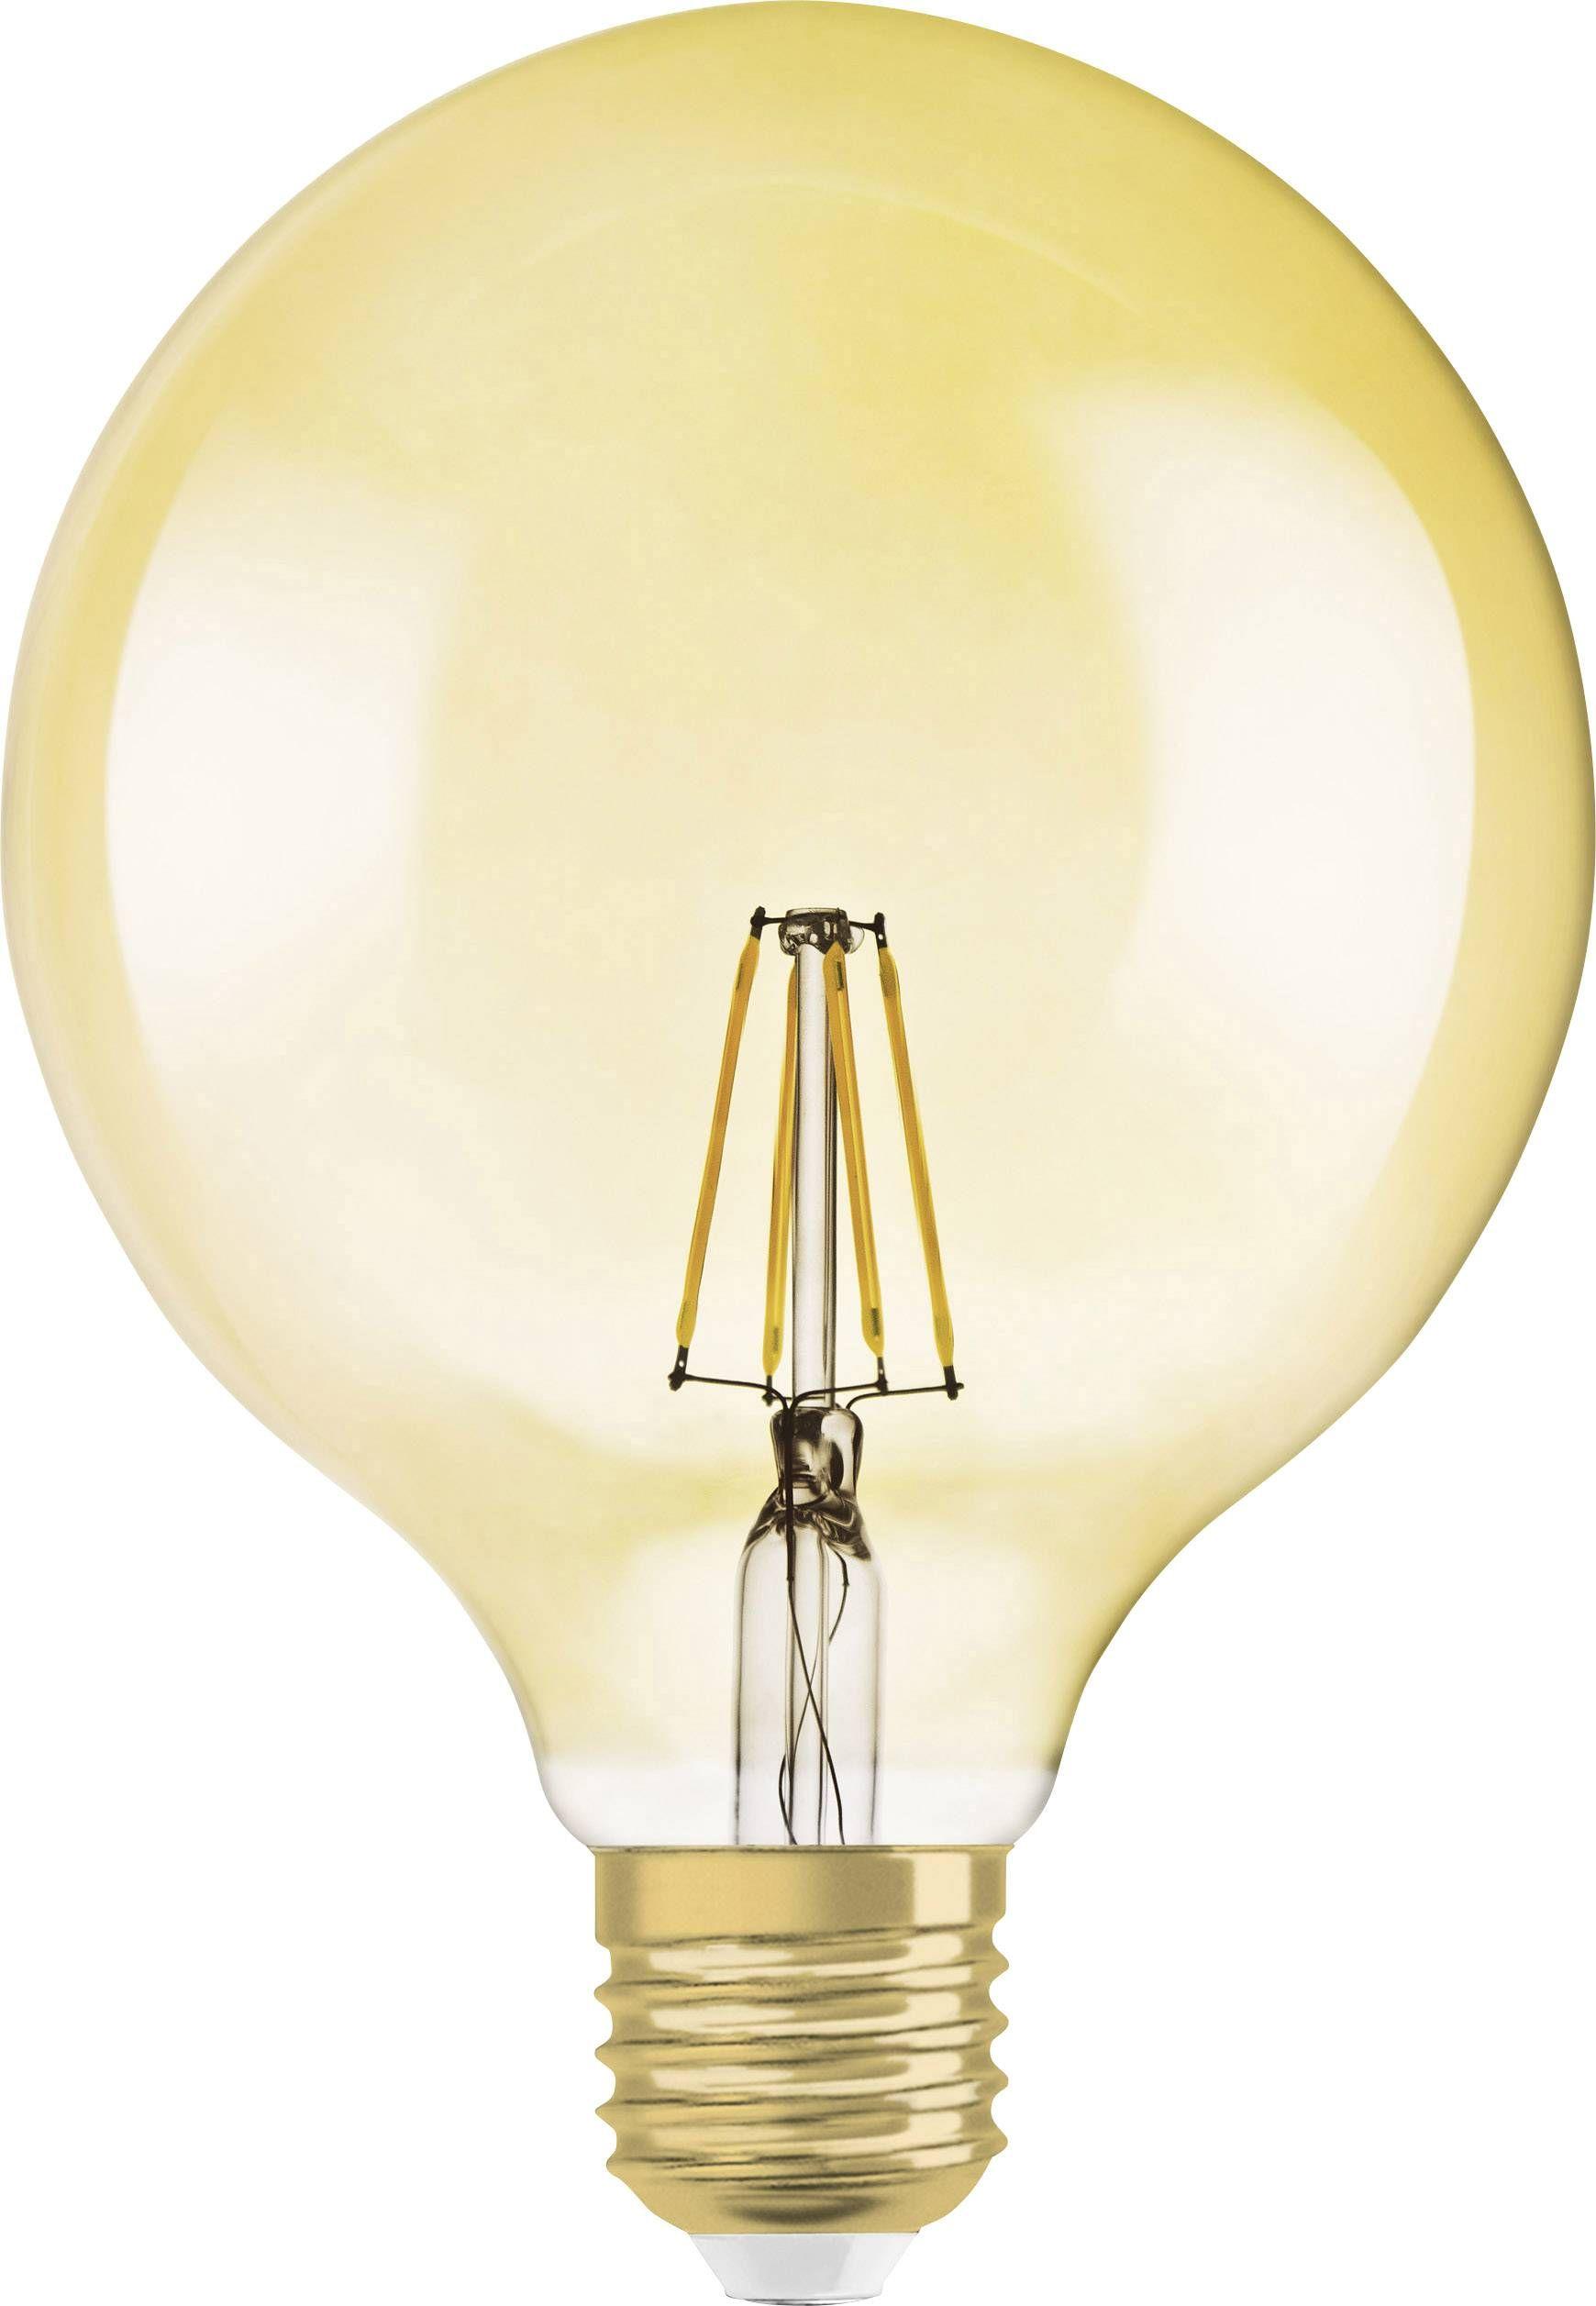 osram led lamp e27 bol 28 w 21 w goud energielabel a 1